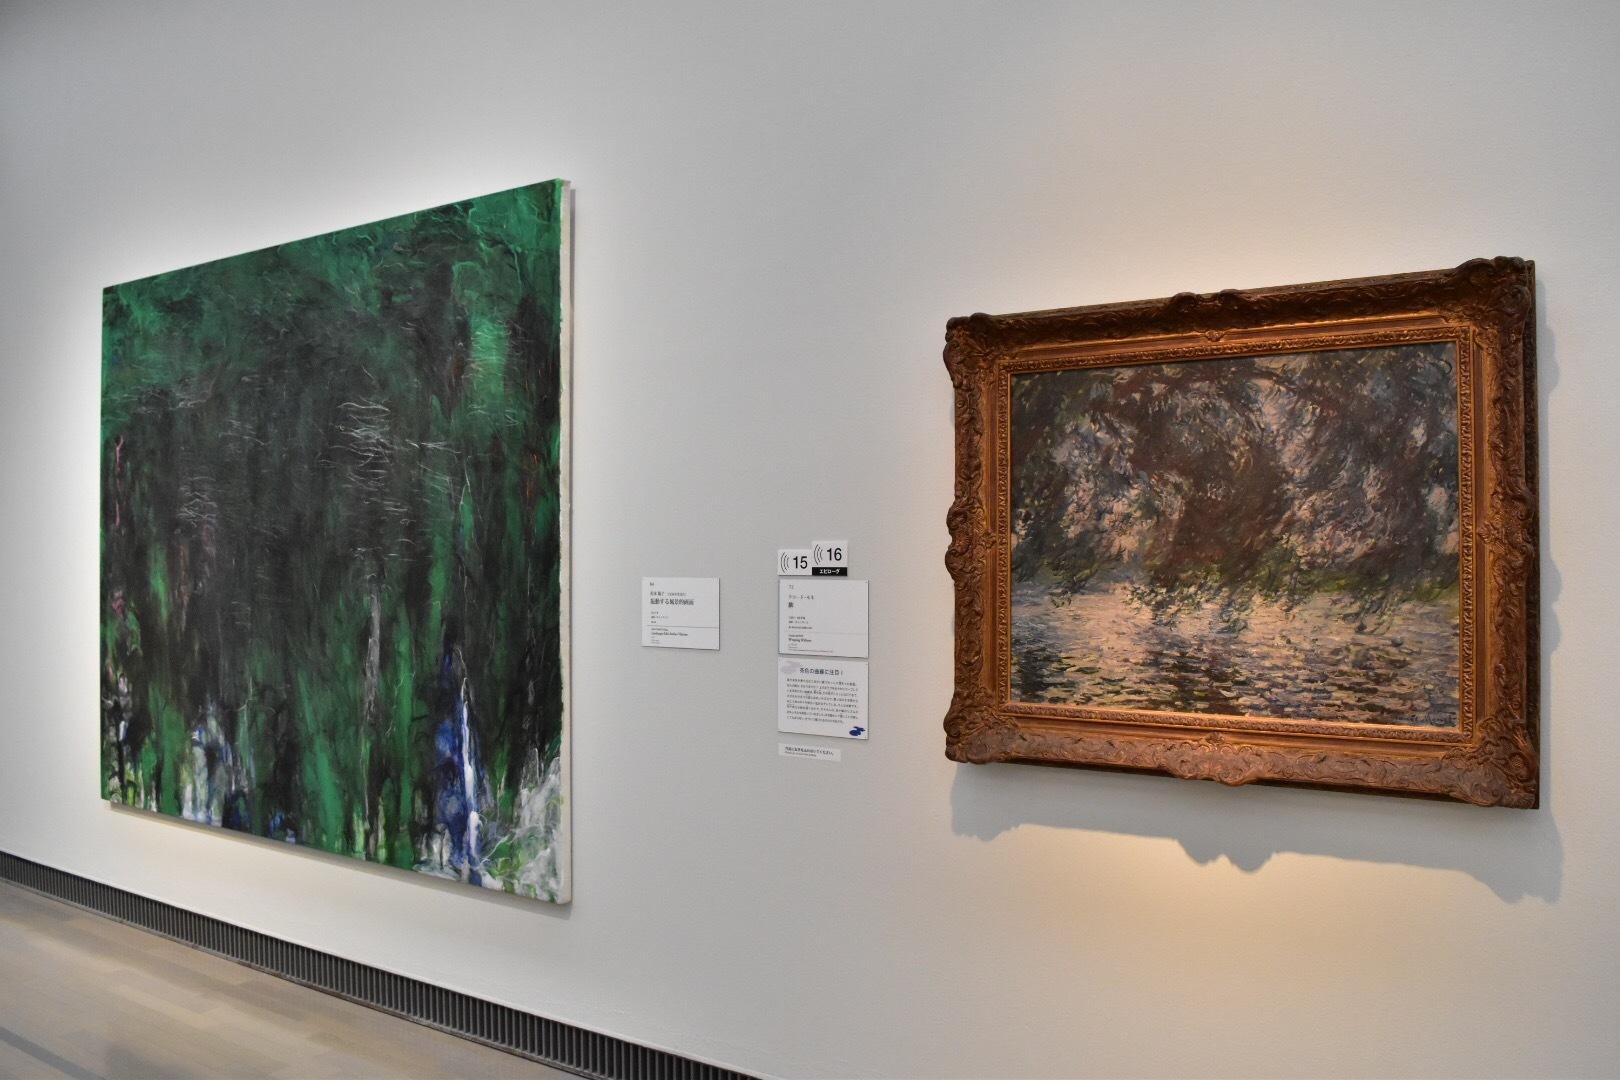 左:松本陽子 《振動する風景的画面》2017年 個人蔵 右:クロード・モネ 《柳》1897-98年頃 個人蔵(国立西洋美術館に寄託)